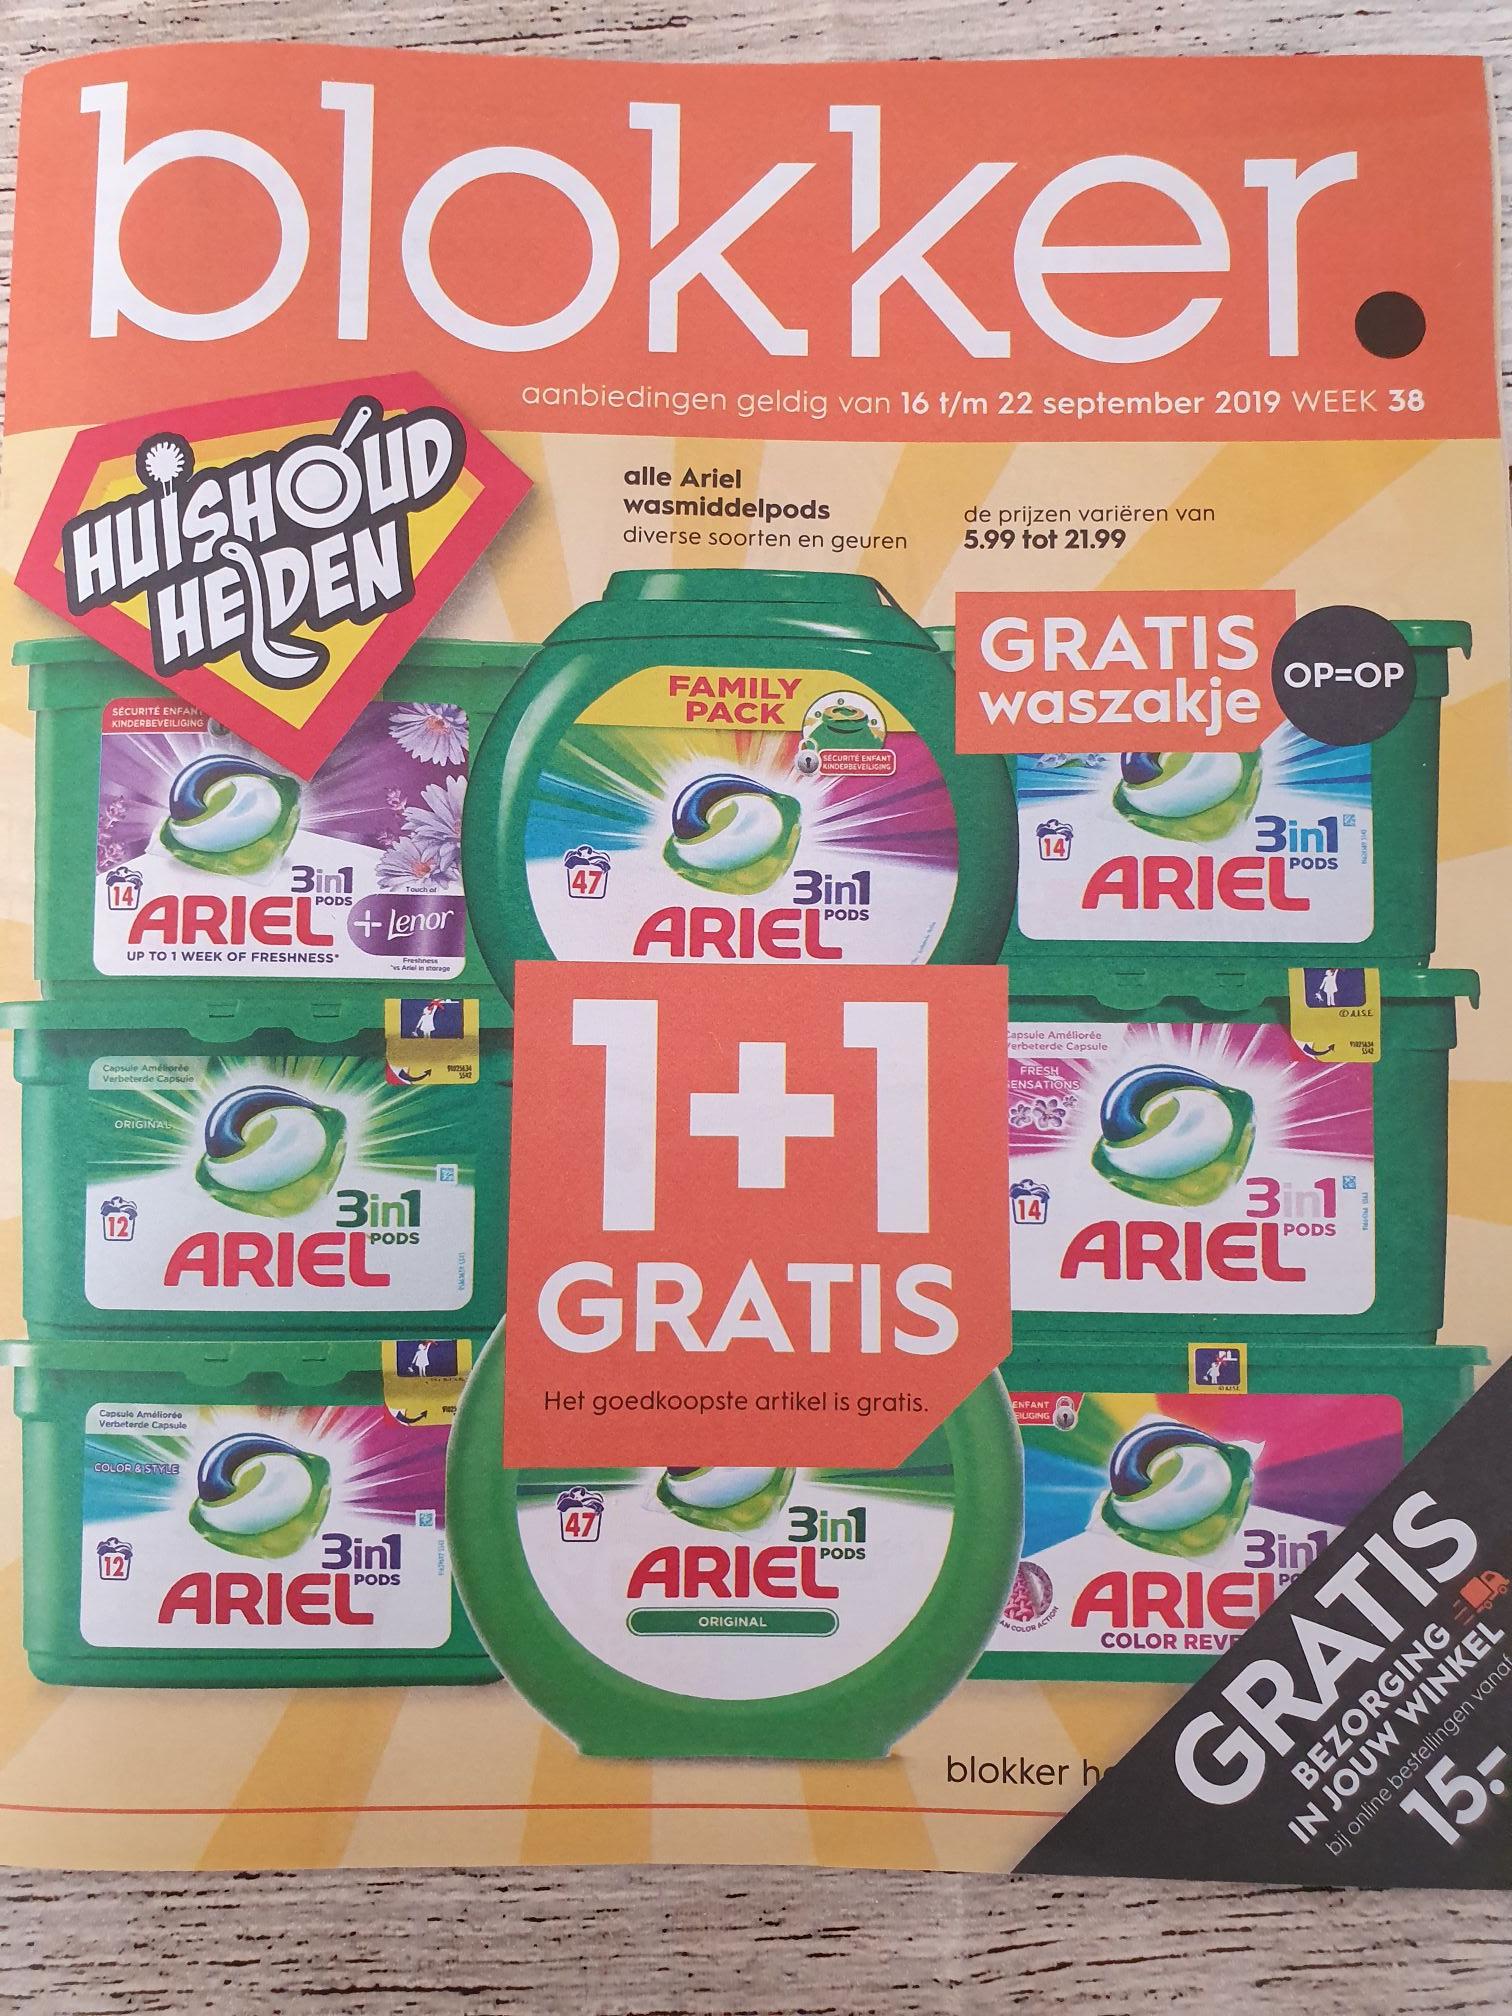 Arielpods 1+1 gratis bij Blokker